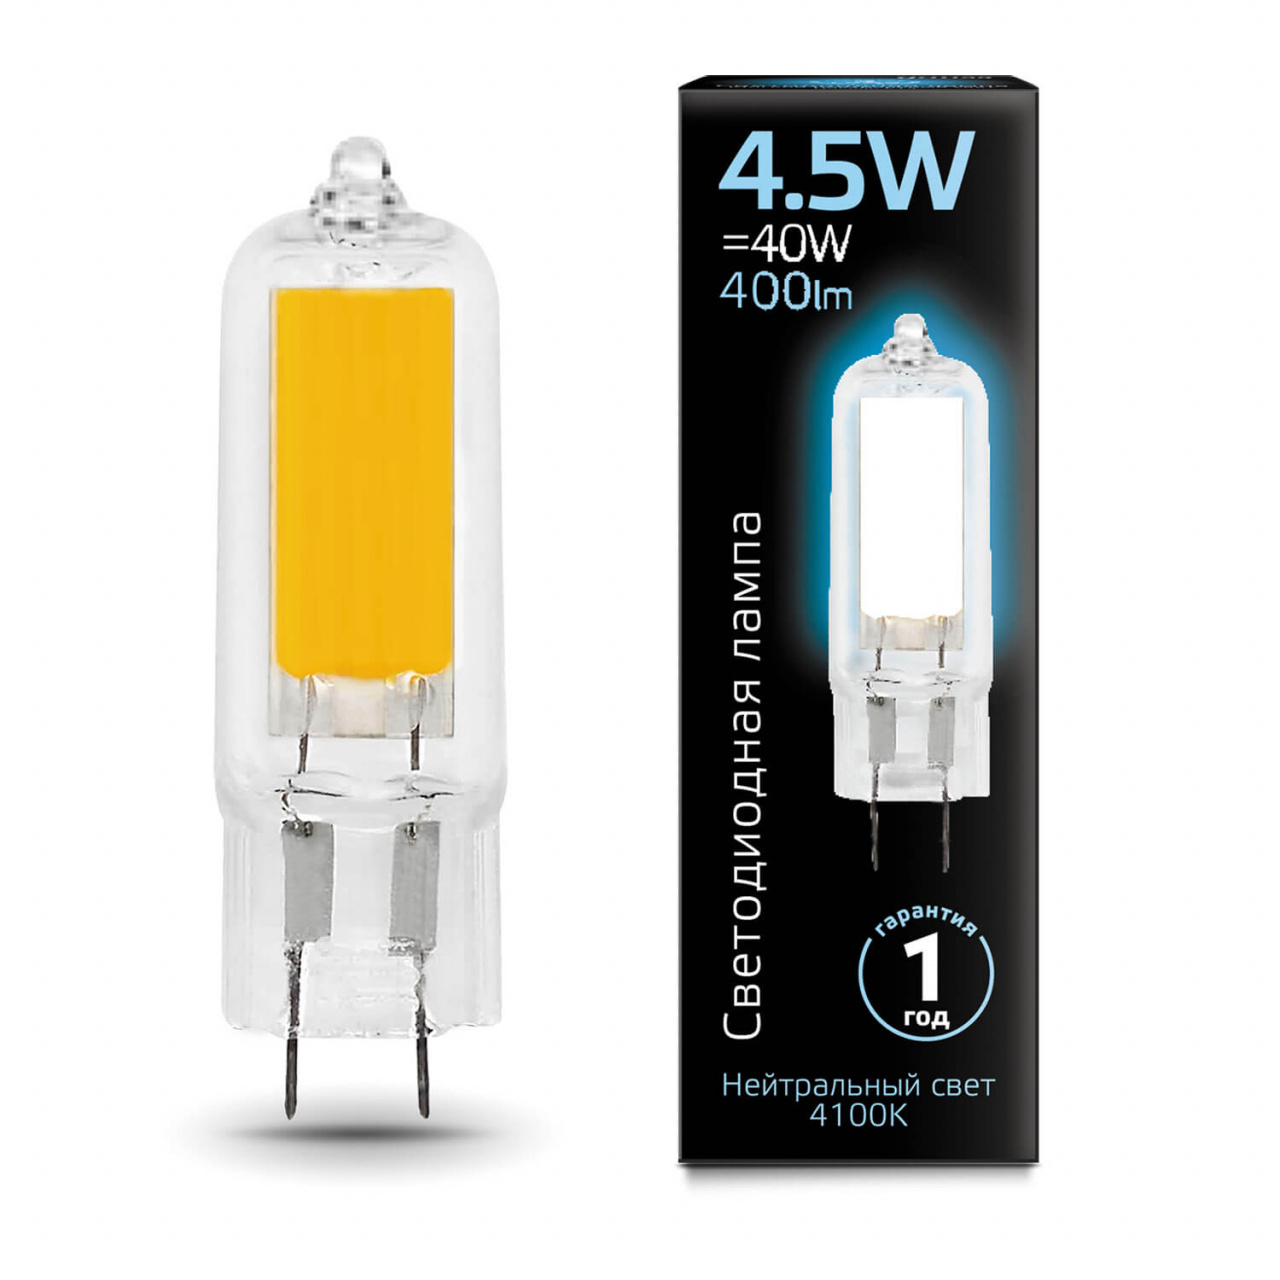 Лампа светодиодная Gauss G4 4.5W 4100K прозрачная 107807204 gauss лампа светодиодная gauss капсула прозрачная g4 3w 12v 4100k 207707203